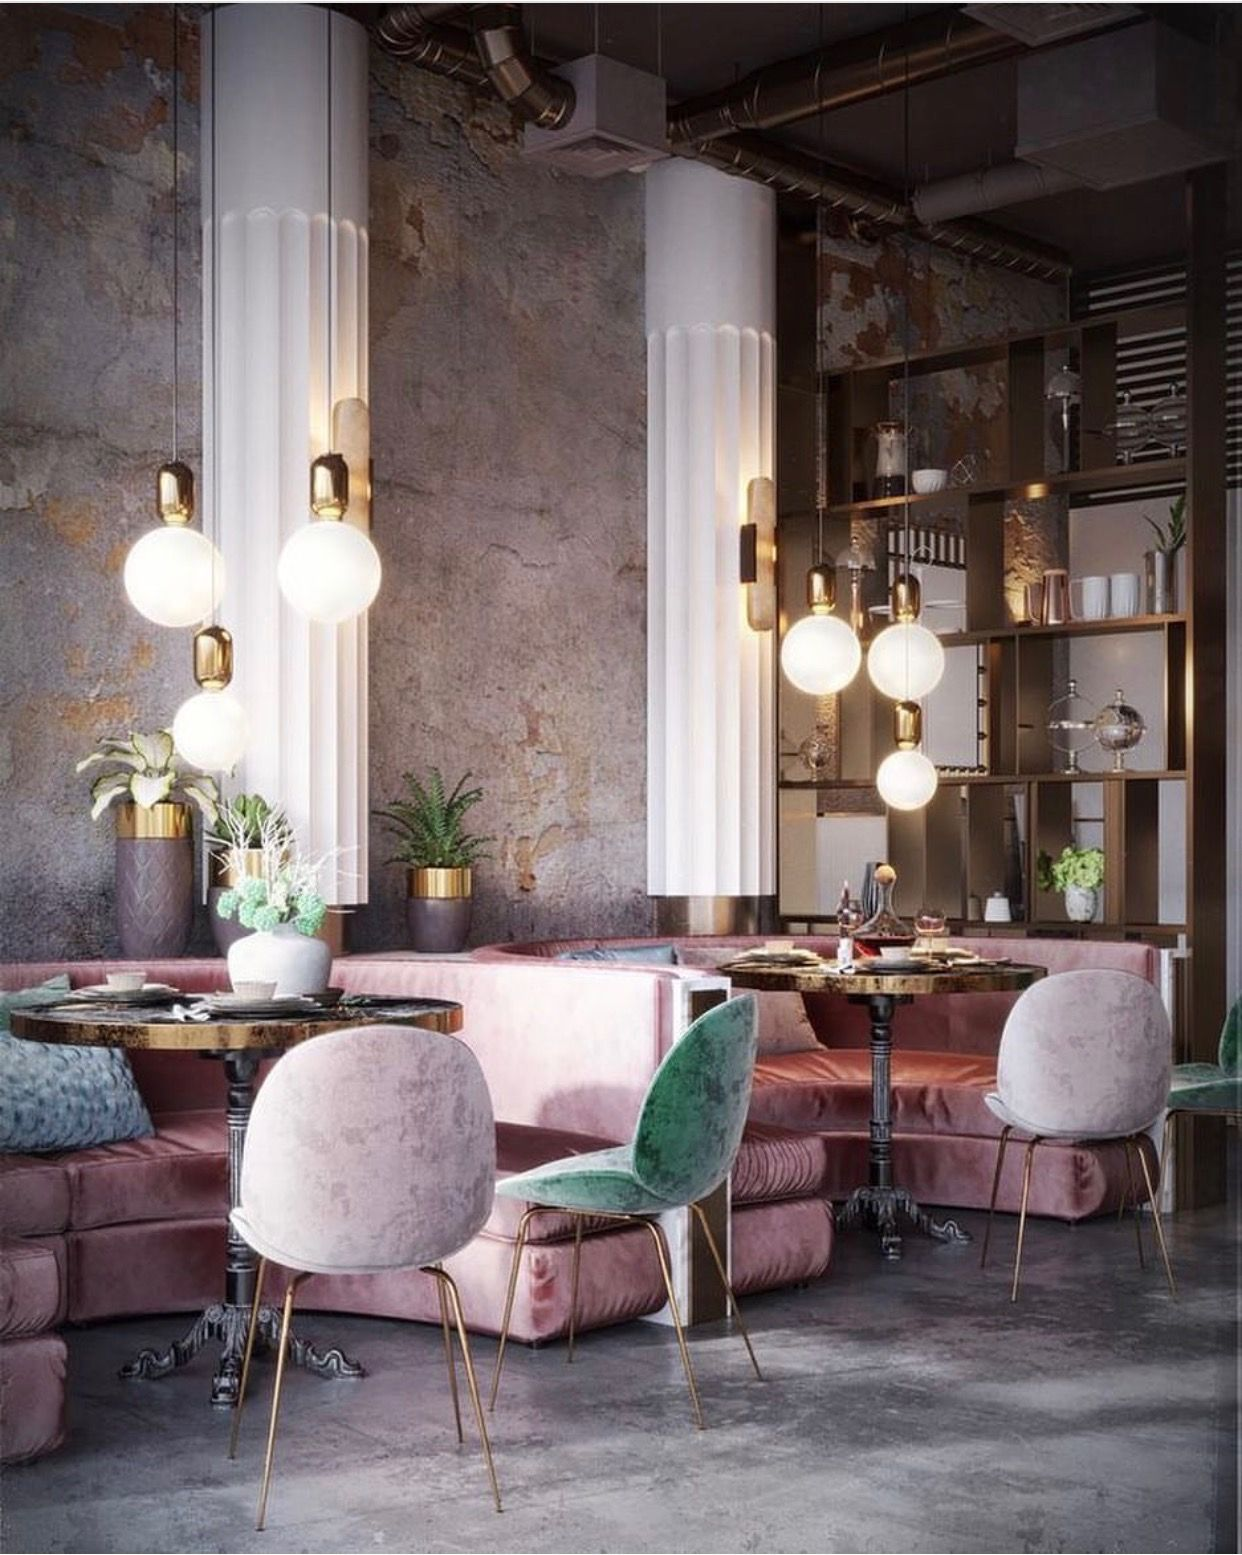 Pin von FOUND by maja auf Dine | Pinterest | Tisch, Dekoration und Deko